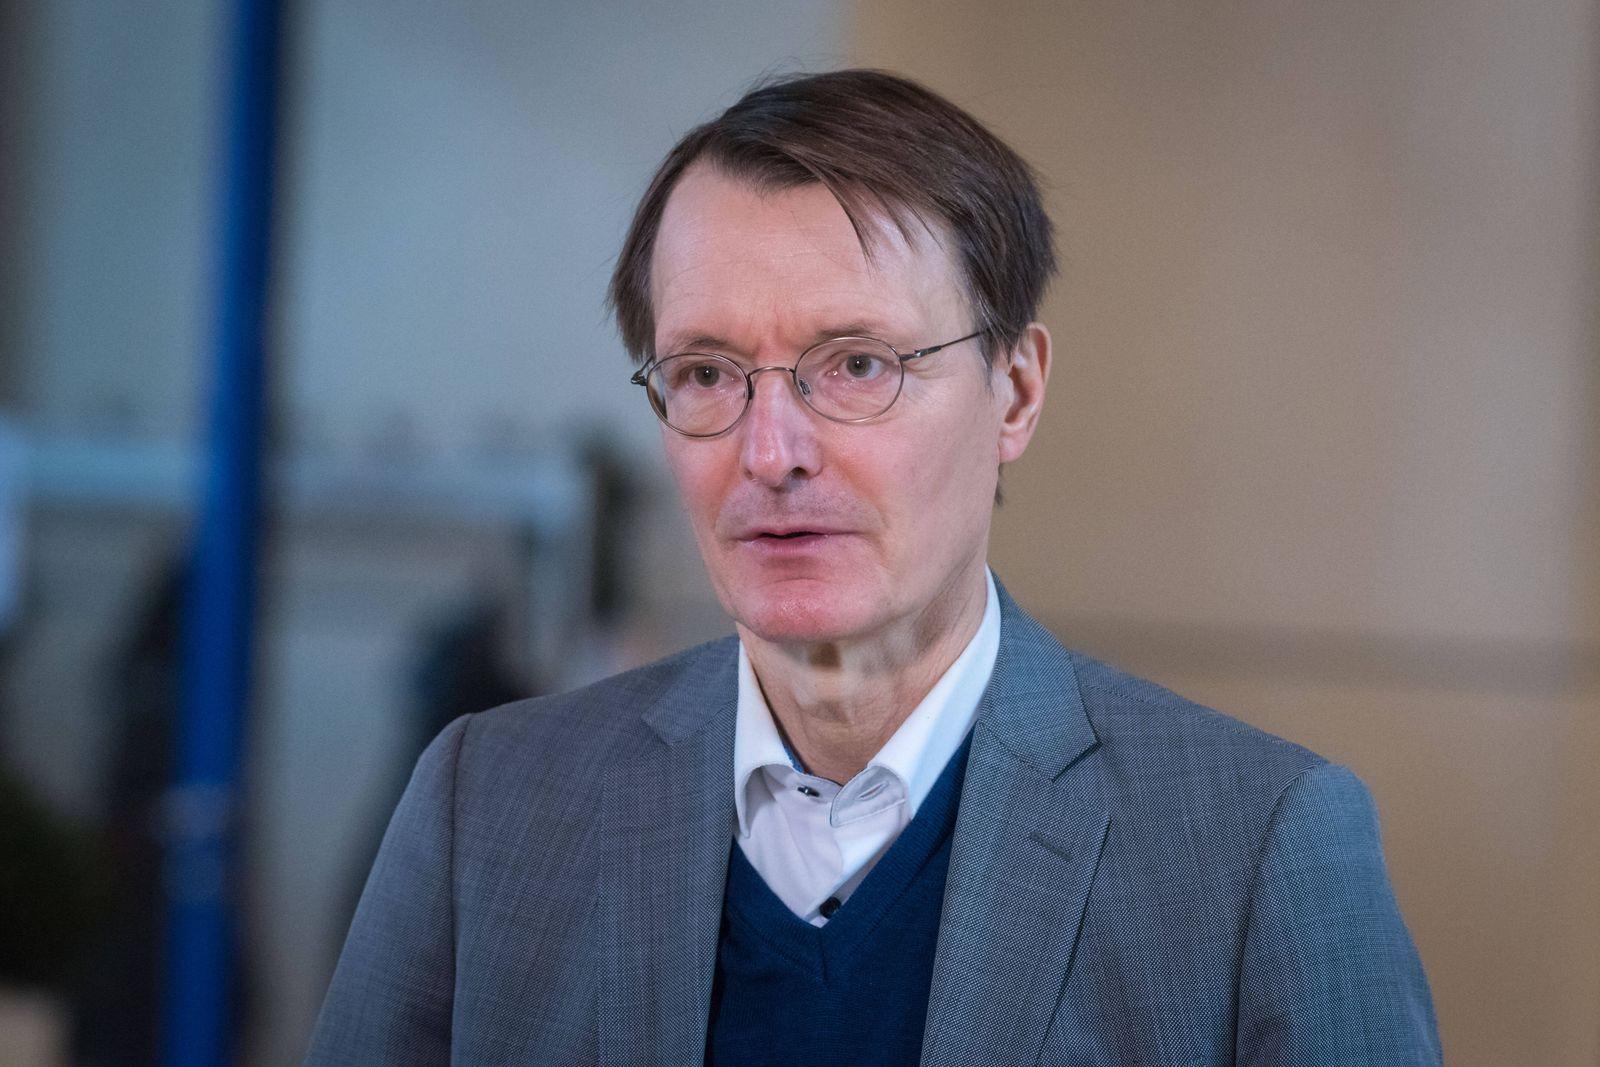 Berlin, Karl Lauterbach gibt Interview im Bundestag Deutschland, Berlin - 06.11.2020: Im Bild ist Karl Lauterbach (spd)